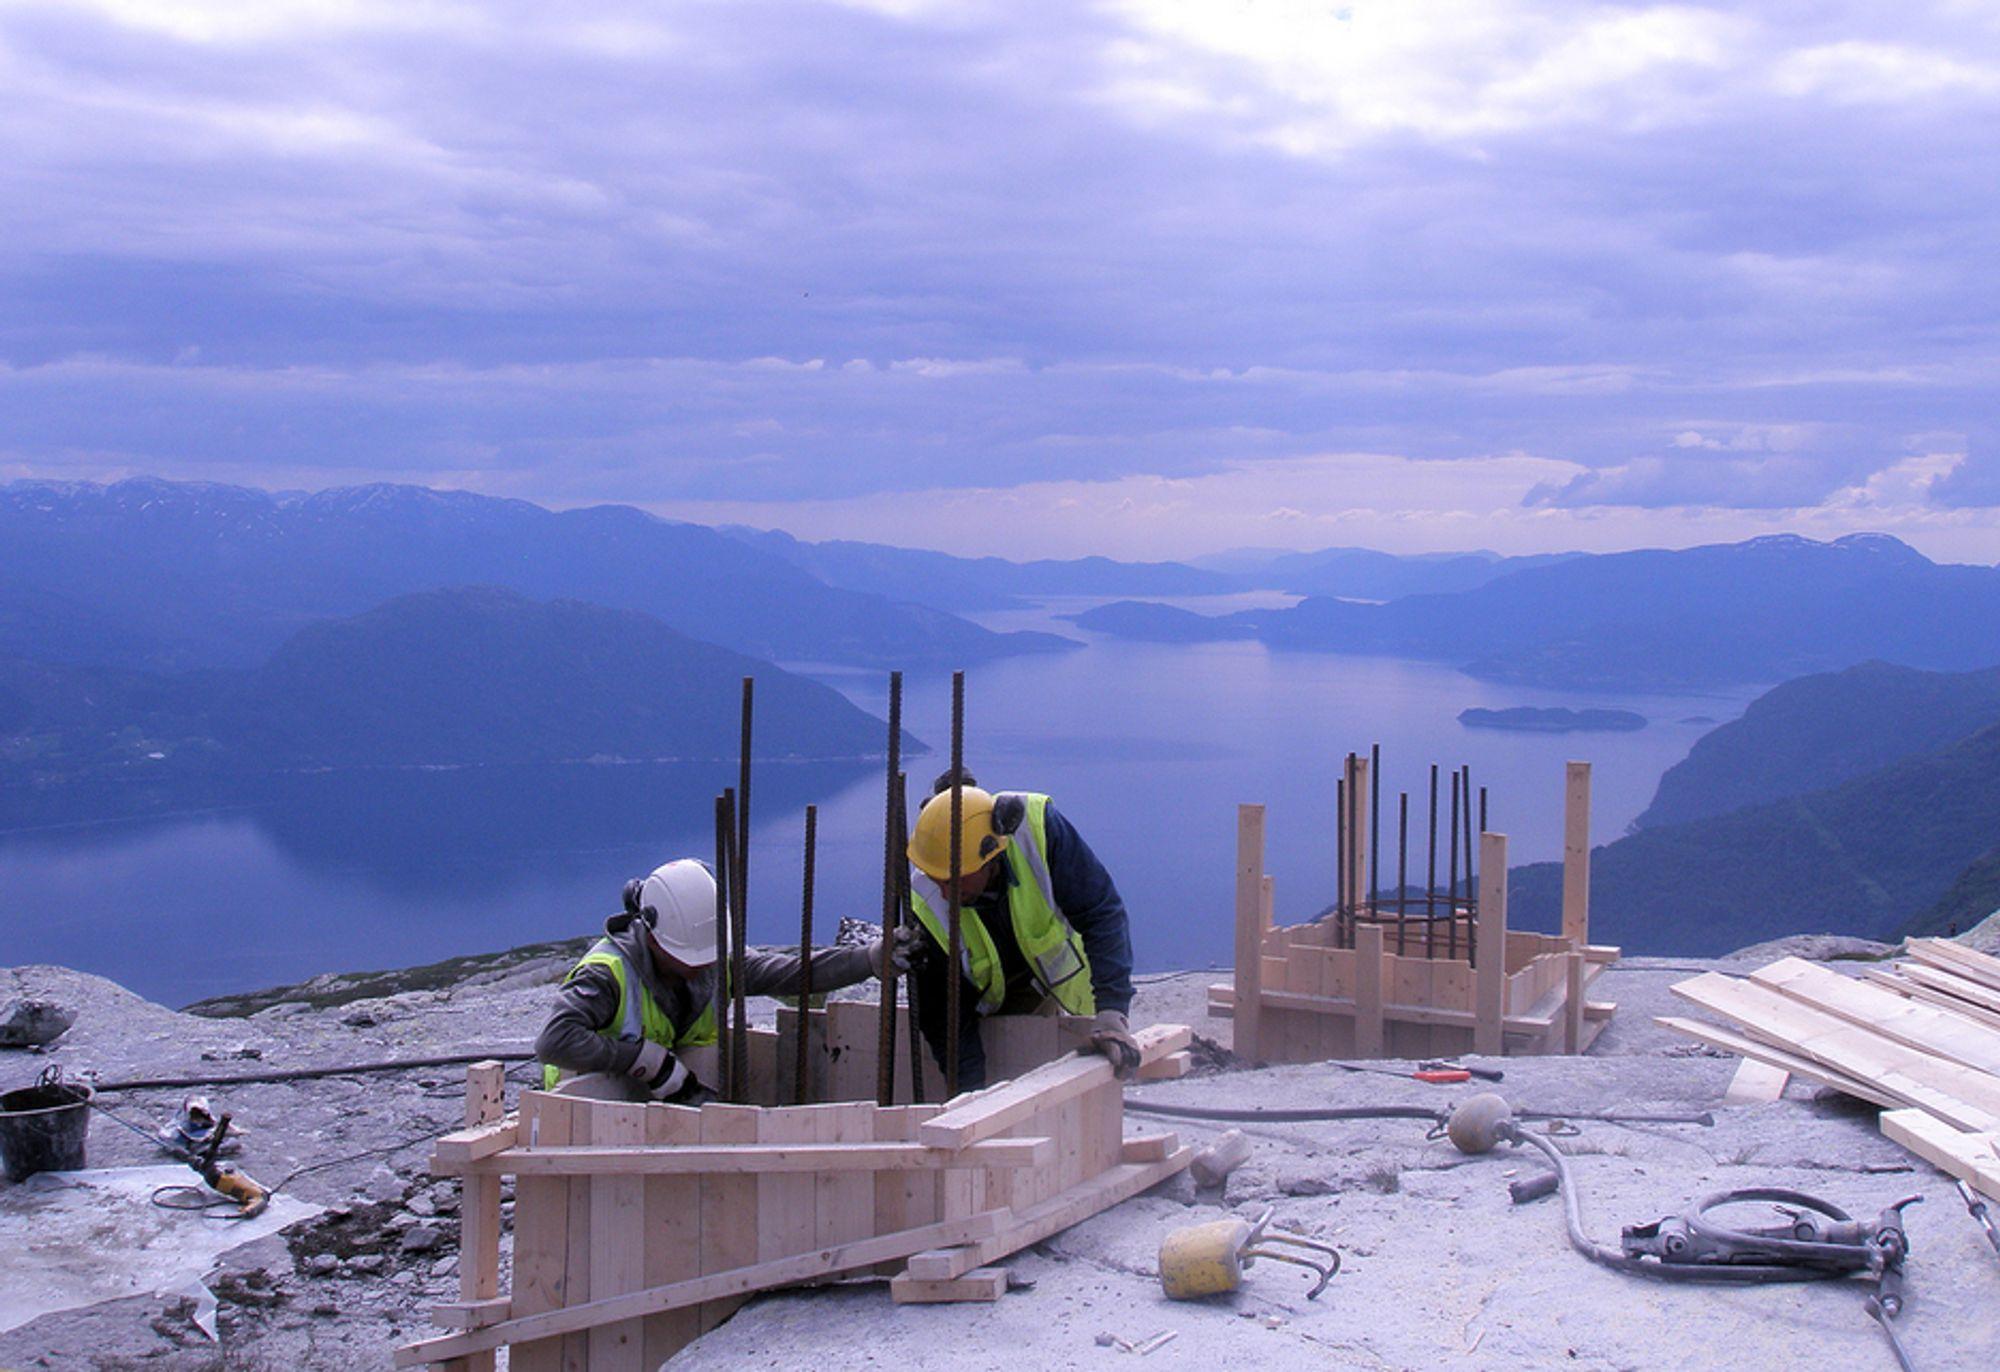 RYDDER OPP: Statnett presser nå det kroatiske entreprenørselskapet Dalekovod til å betale arbeiderne på Sima-Samnanger-linjen også når arbeidet innstilles på grunn av dårlig vær.